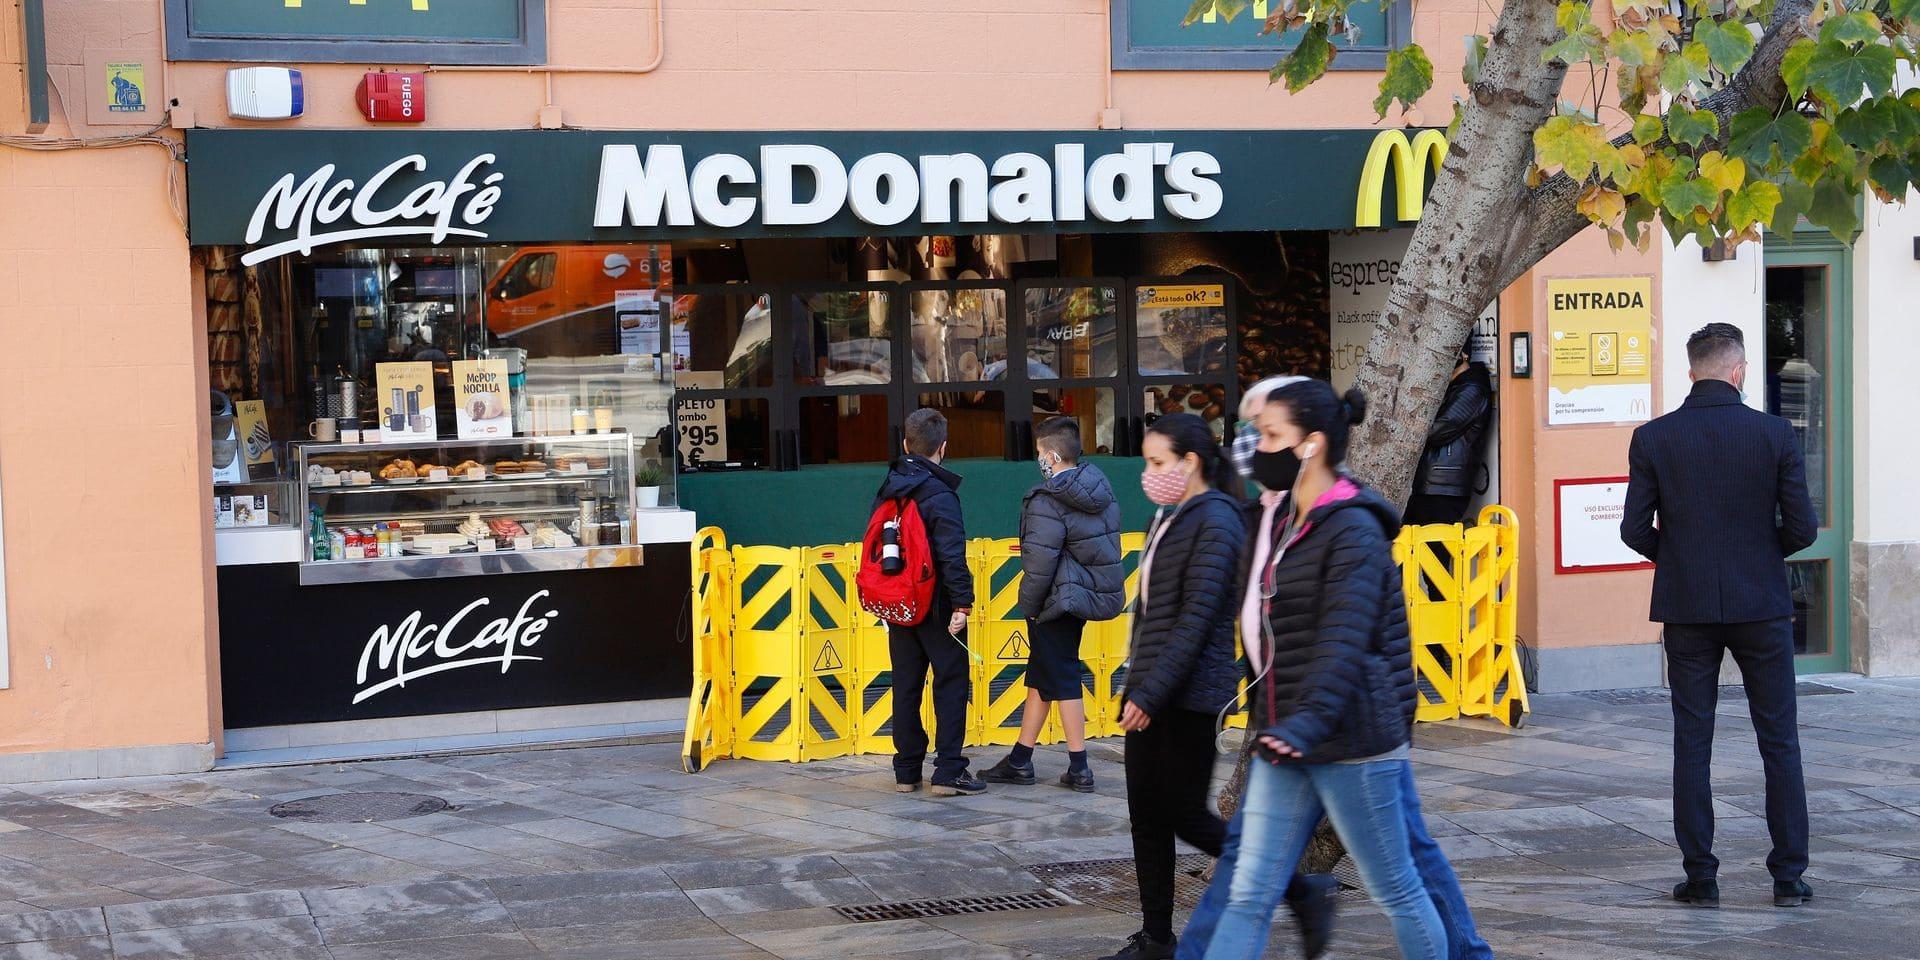 McDonald's Belgique va ouvrir une dizaine de restaurants cette année, malgré la chute de ses bénéfices